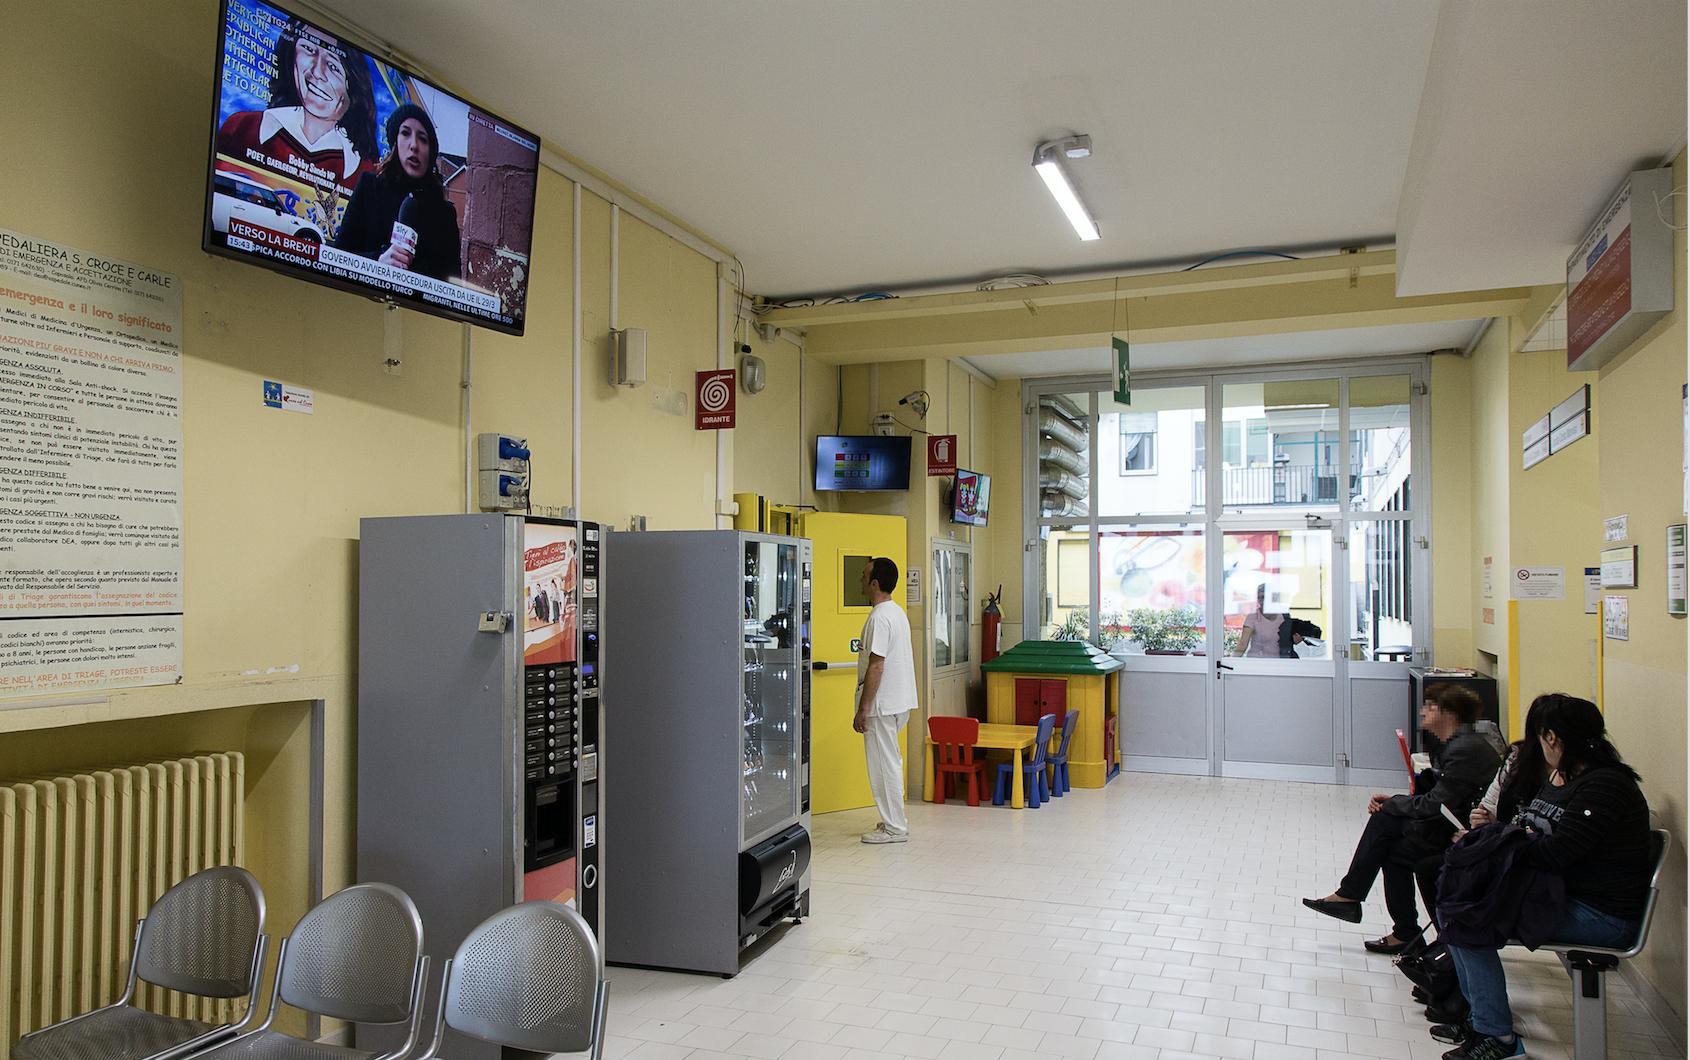 La Guida - Due televisori nella sala d'attesa del Pronto soccorso